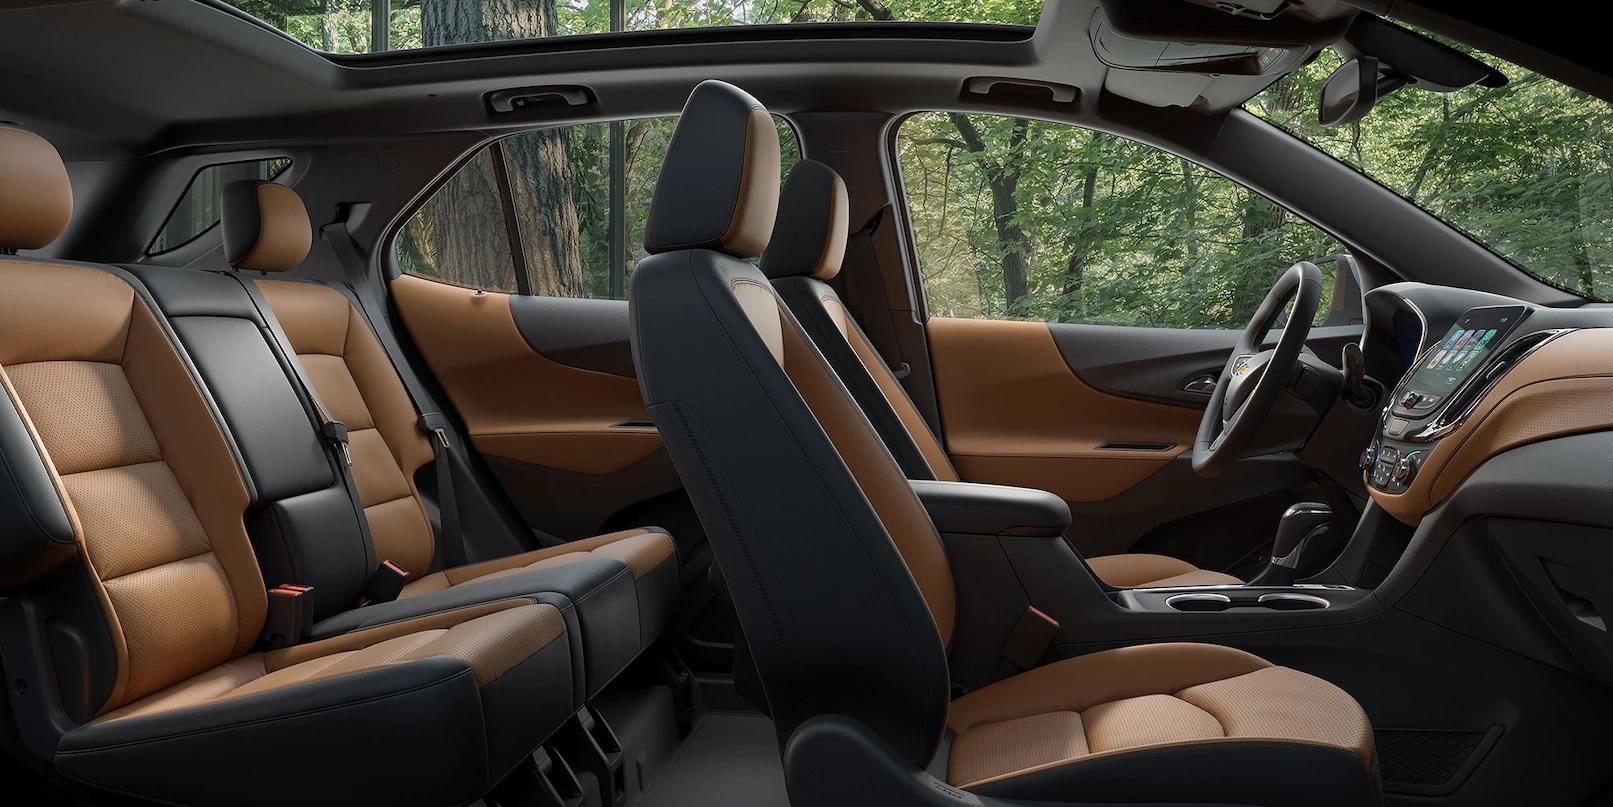 steel Interior Door Stereo Speaker Cover trim  For Chevrolet Equinox 2017 2018